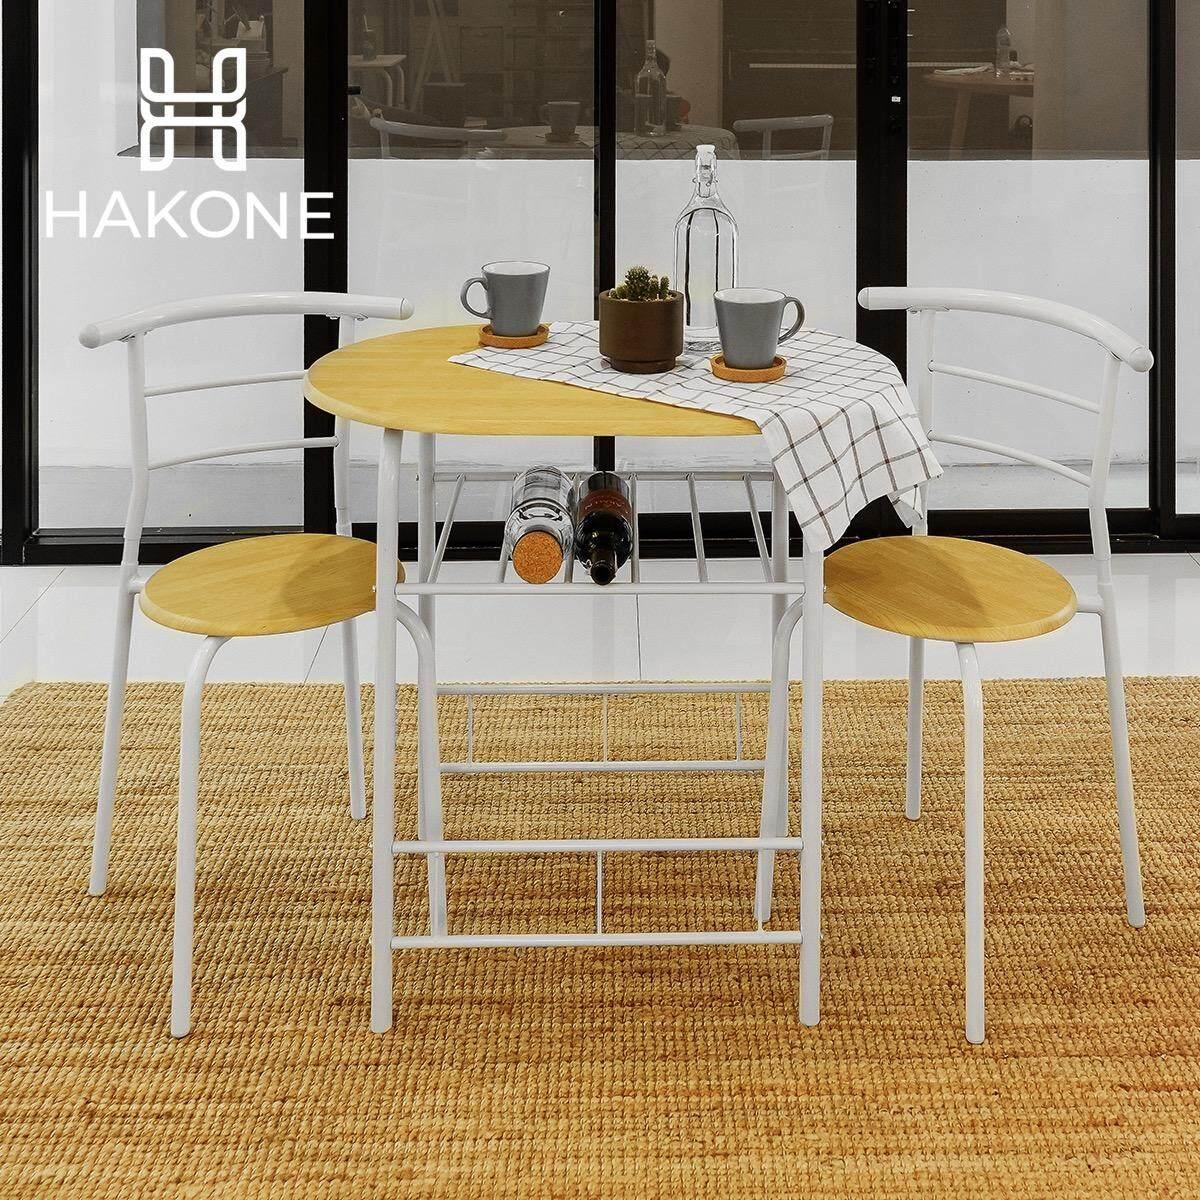 ซื้อ Hakone ชุดโต๊ะไม้พร้อมเก้าอี้ ชุดโต๊ะอาหารพร้อมเก้าอี้ 2 ตัว โค้งมน ลายไม้ Thailand